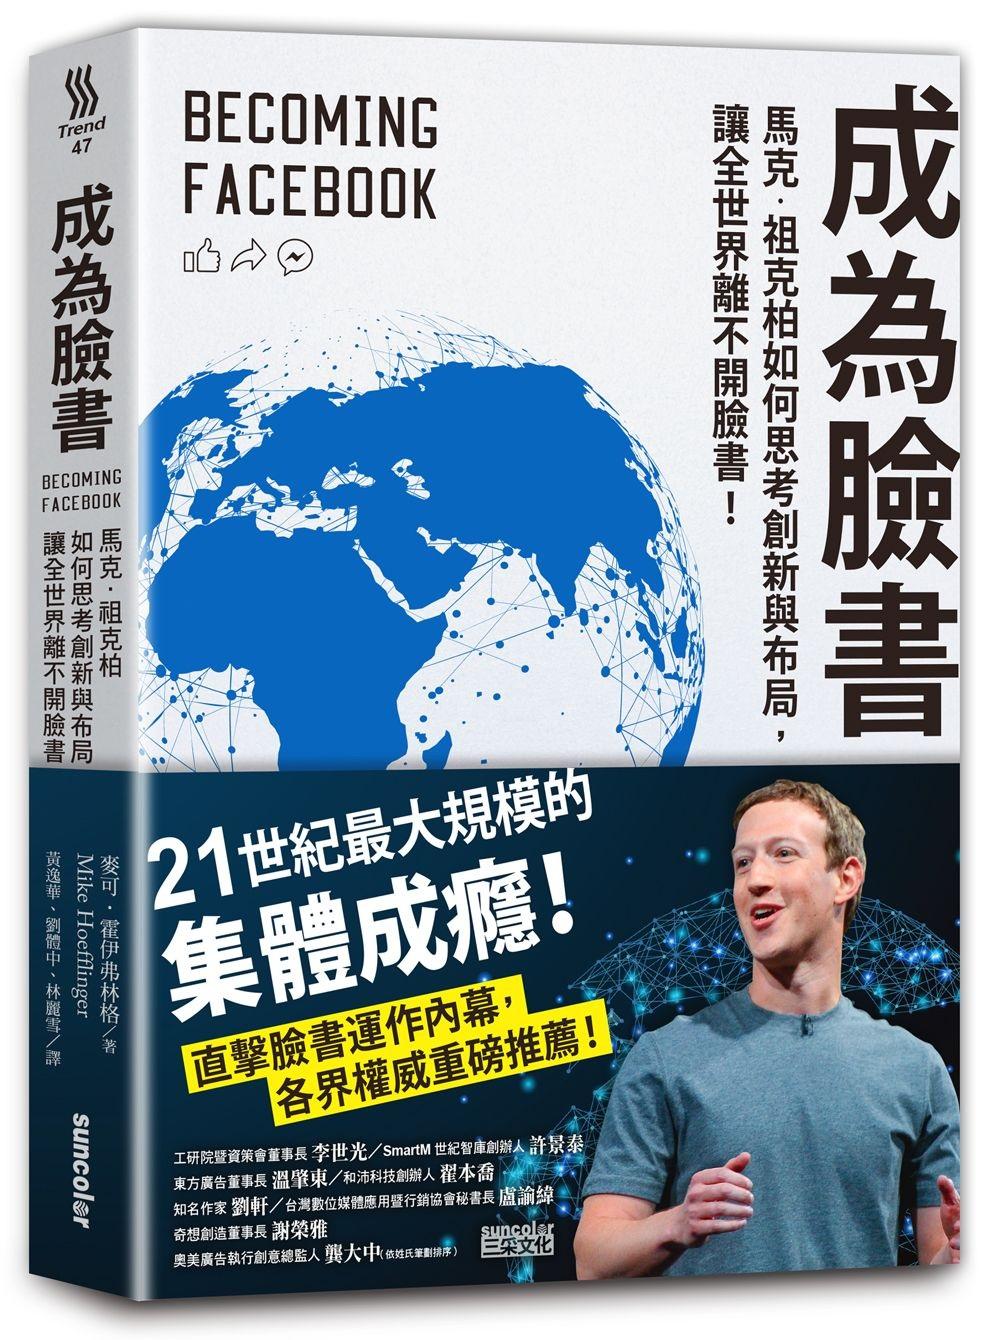 成為臉書:馬克‧祖克柏如何思考創新與布局,讓全世界離不開臉書!